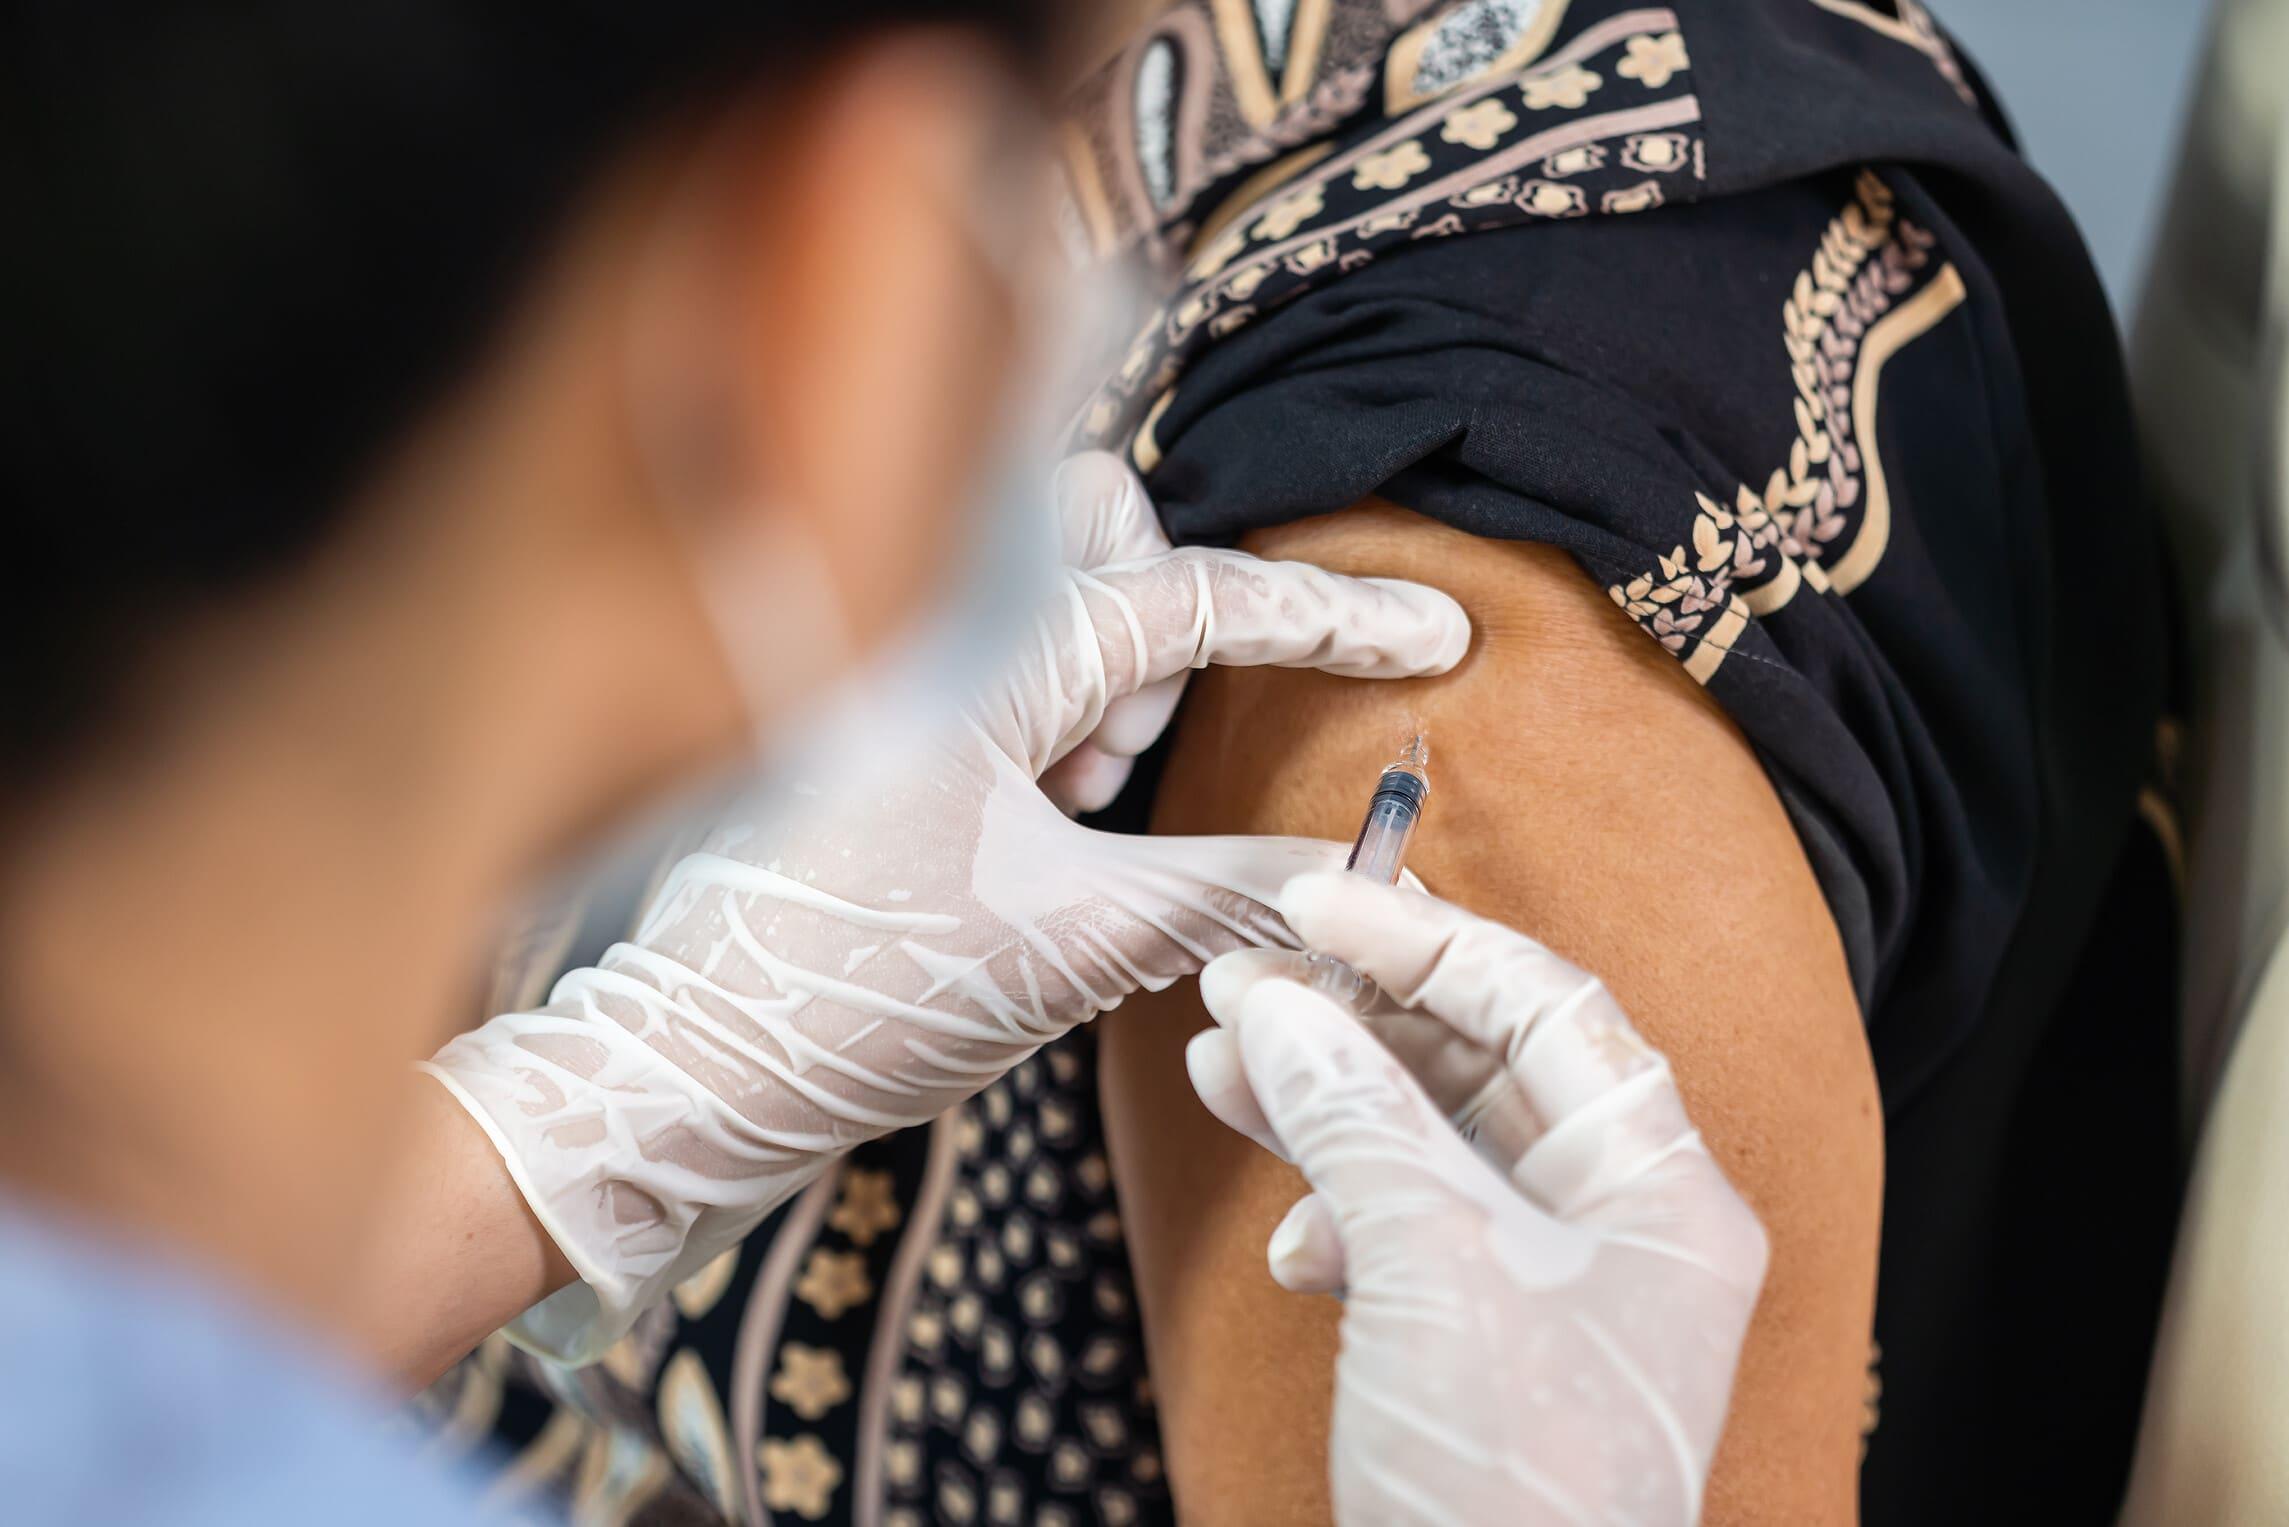 Zum Start der Corona-Impfungen in Westfalen-Lippe schaltet die AOK NORDWEST eine 24-Stunden-Hotline. (Foto: AOK/hfr.)